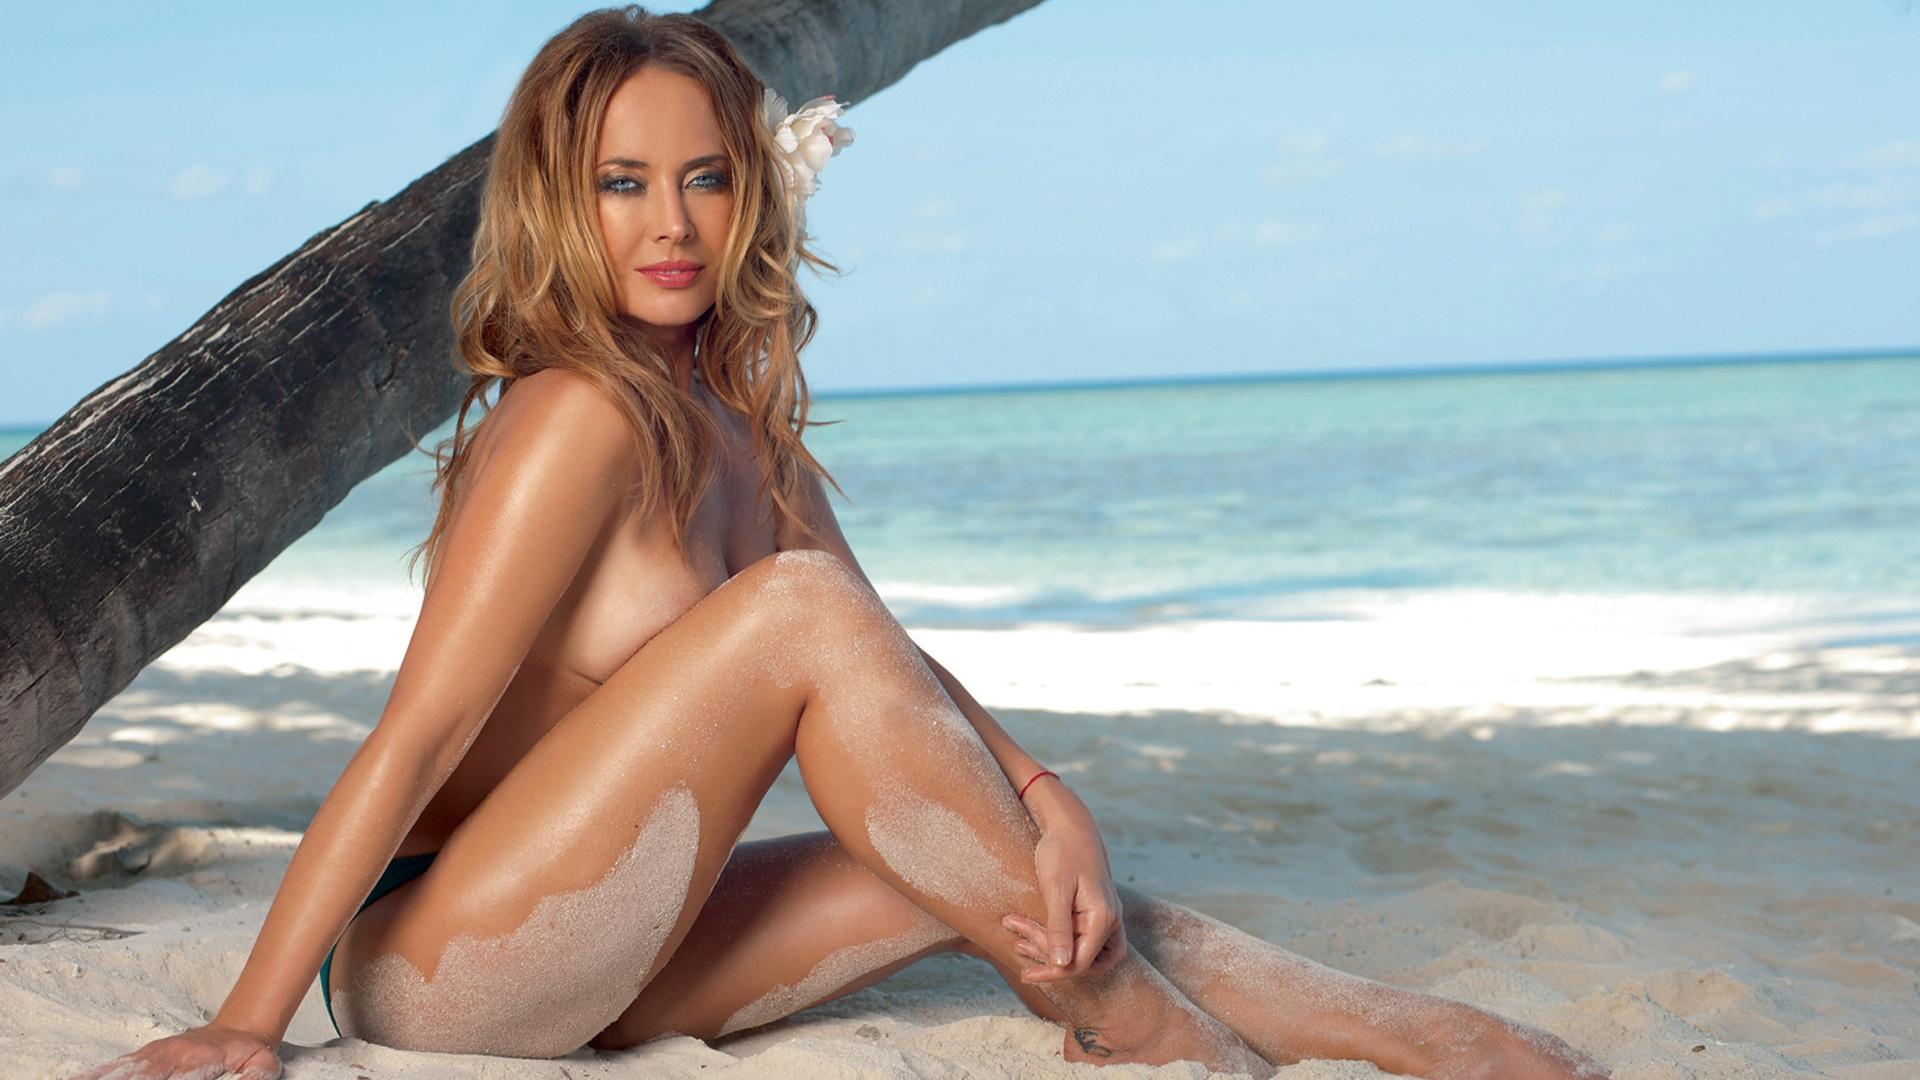 Секс с знаменитыми русскими звездами, Секс видео со знаменитостями звездный порно скандал 27 фотография